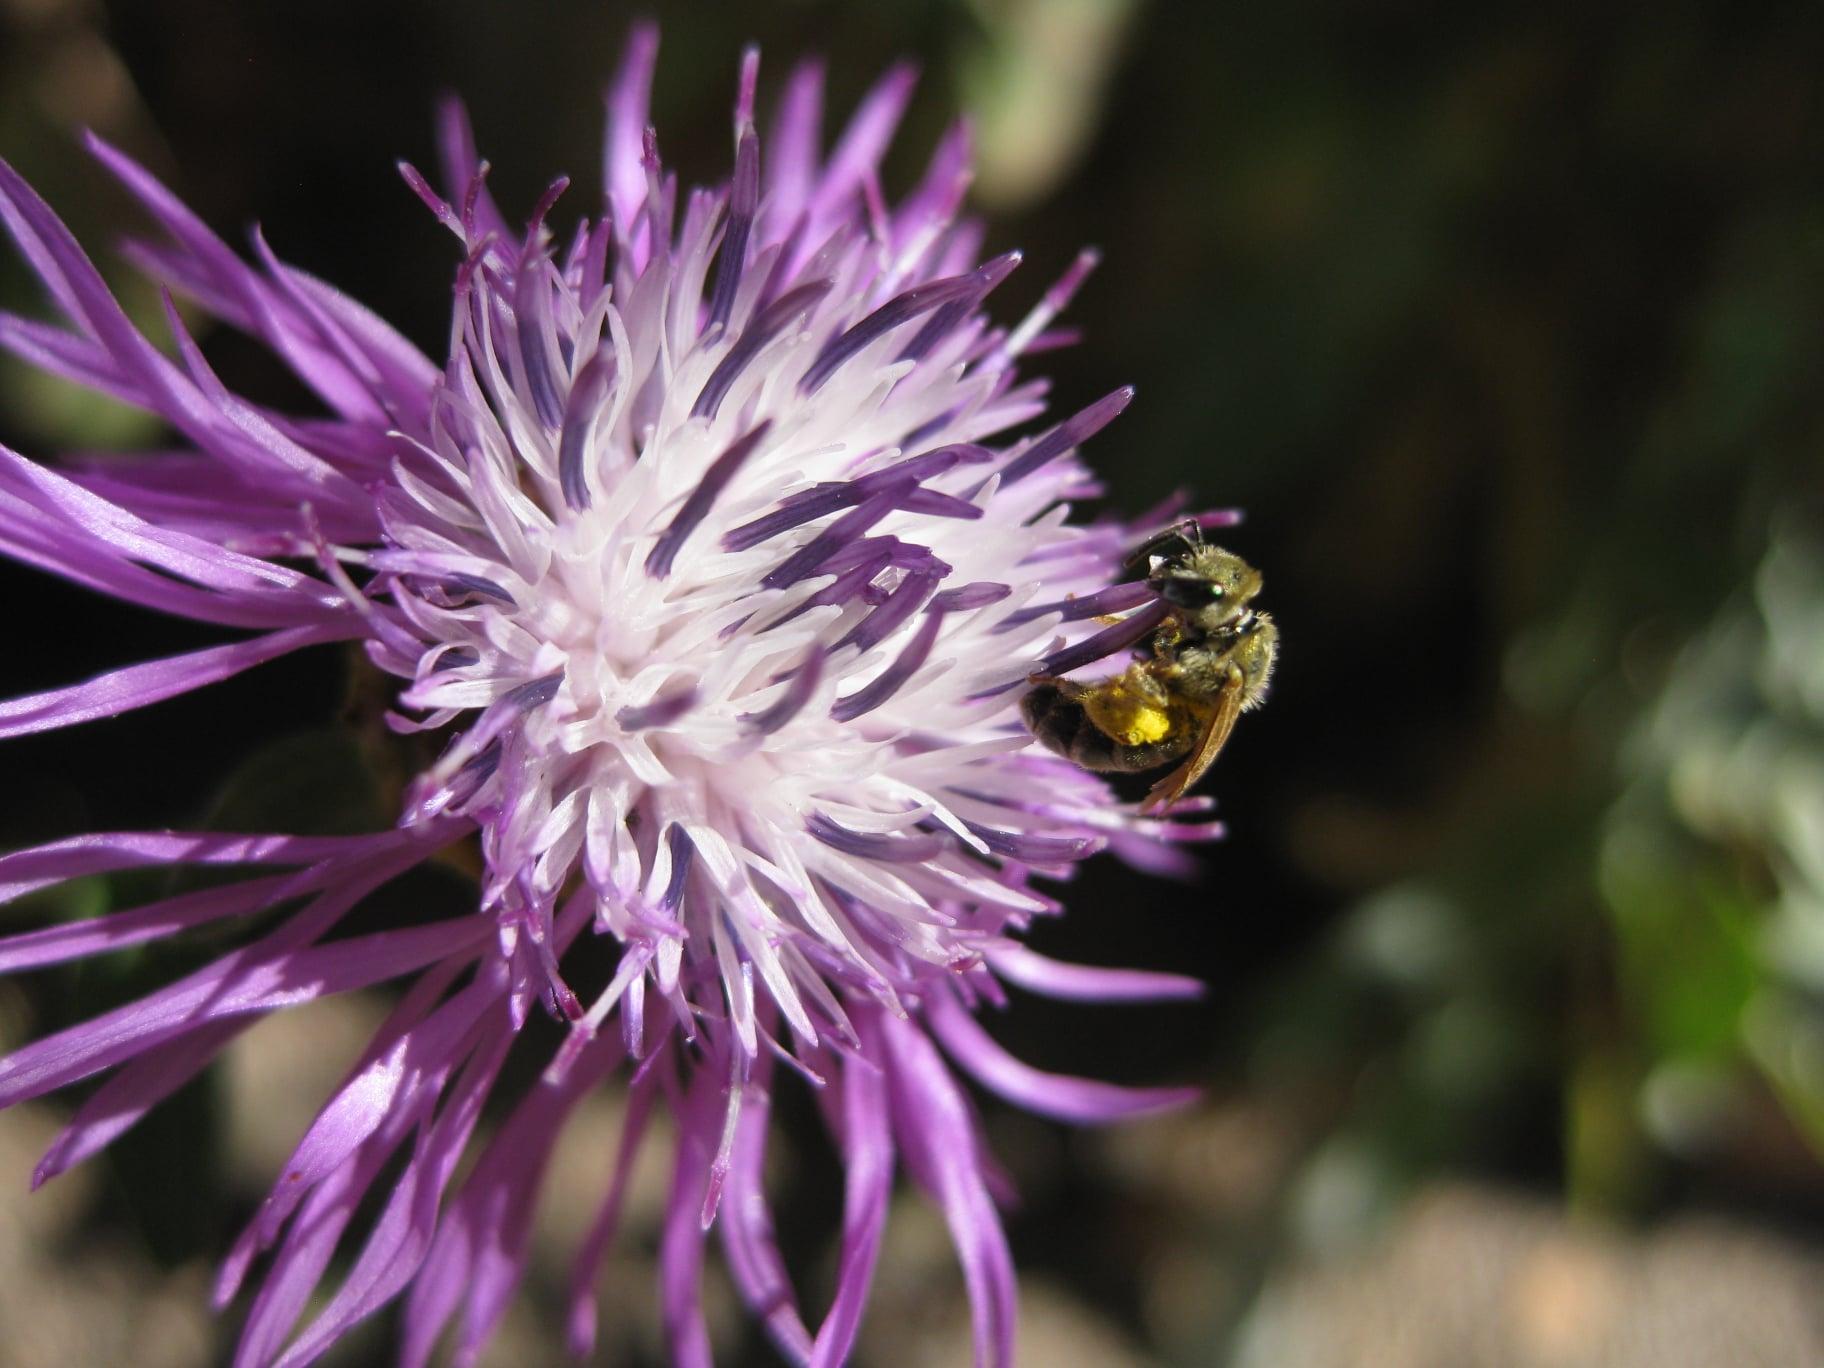 Wildbiene an einer Blüte (Flockenblume)